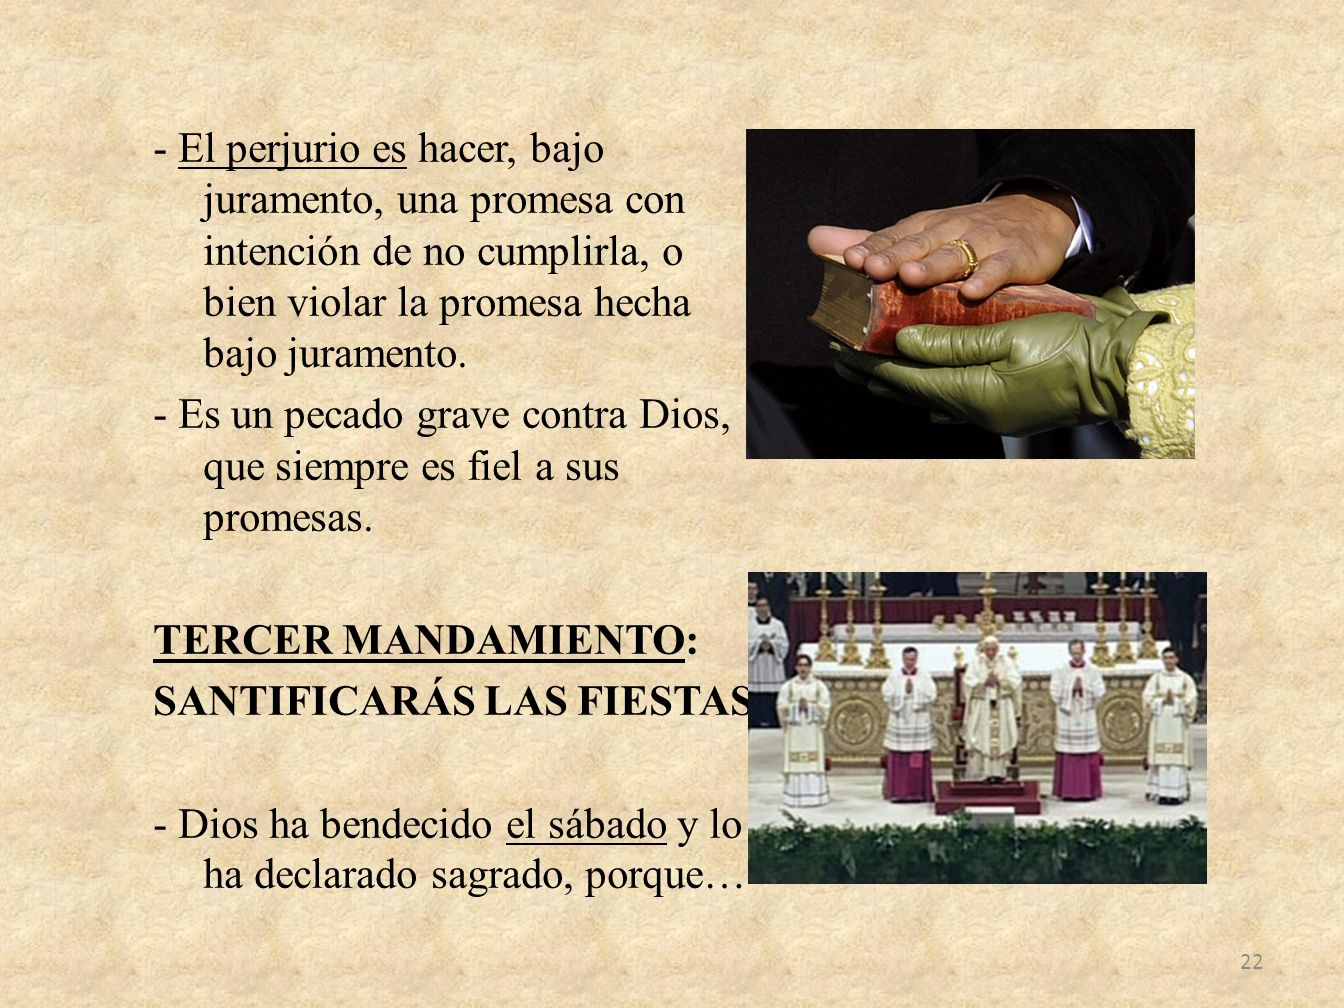 - El perjurio es hacer, bajo juramento, una promesa con intención de no cumplirla, o bien violar la promesa hecha bajo juramento.